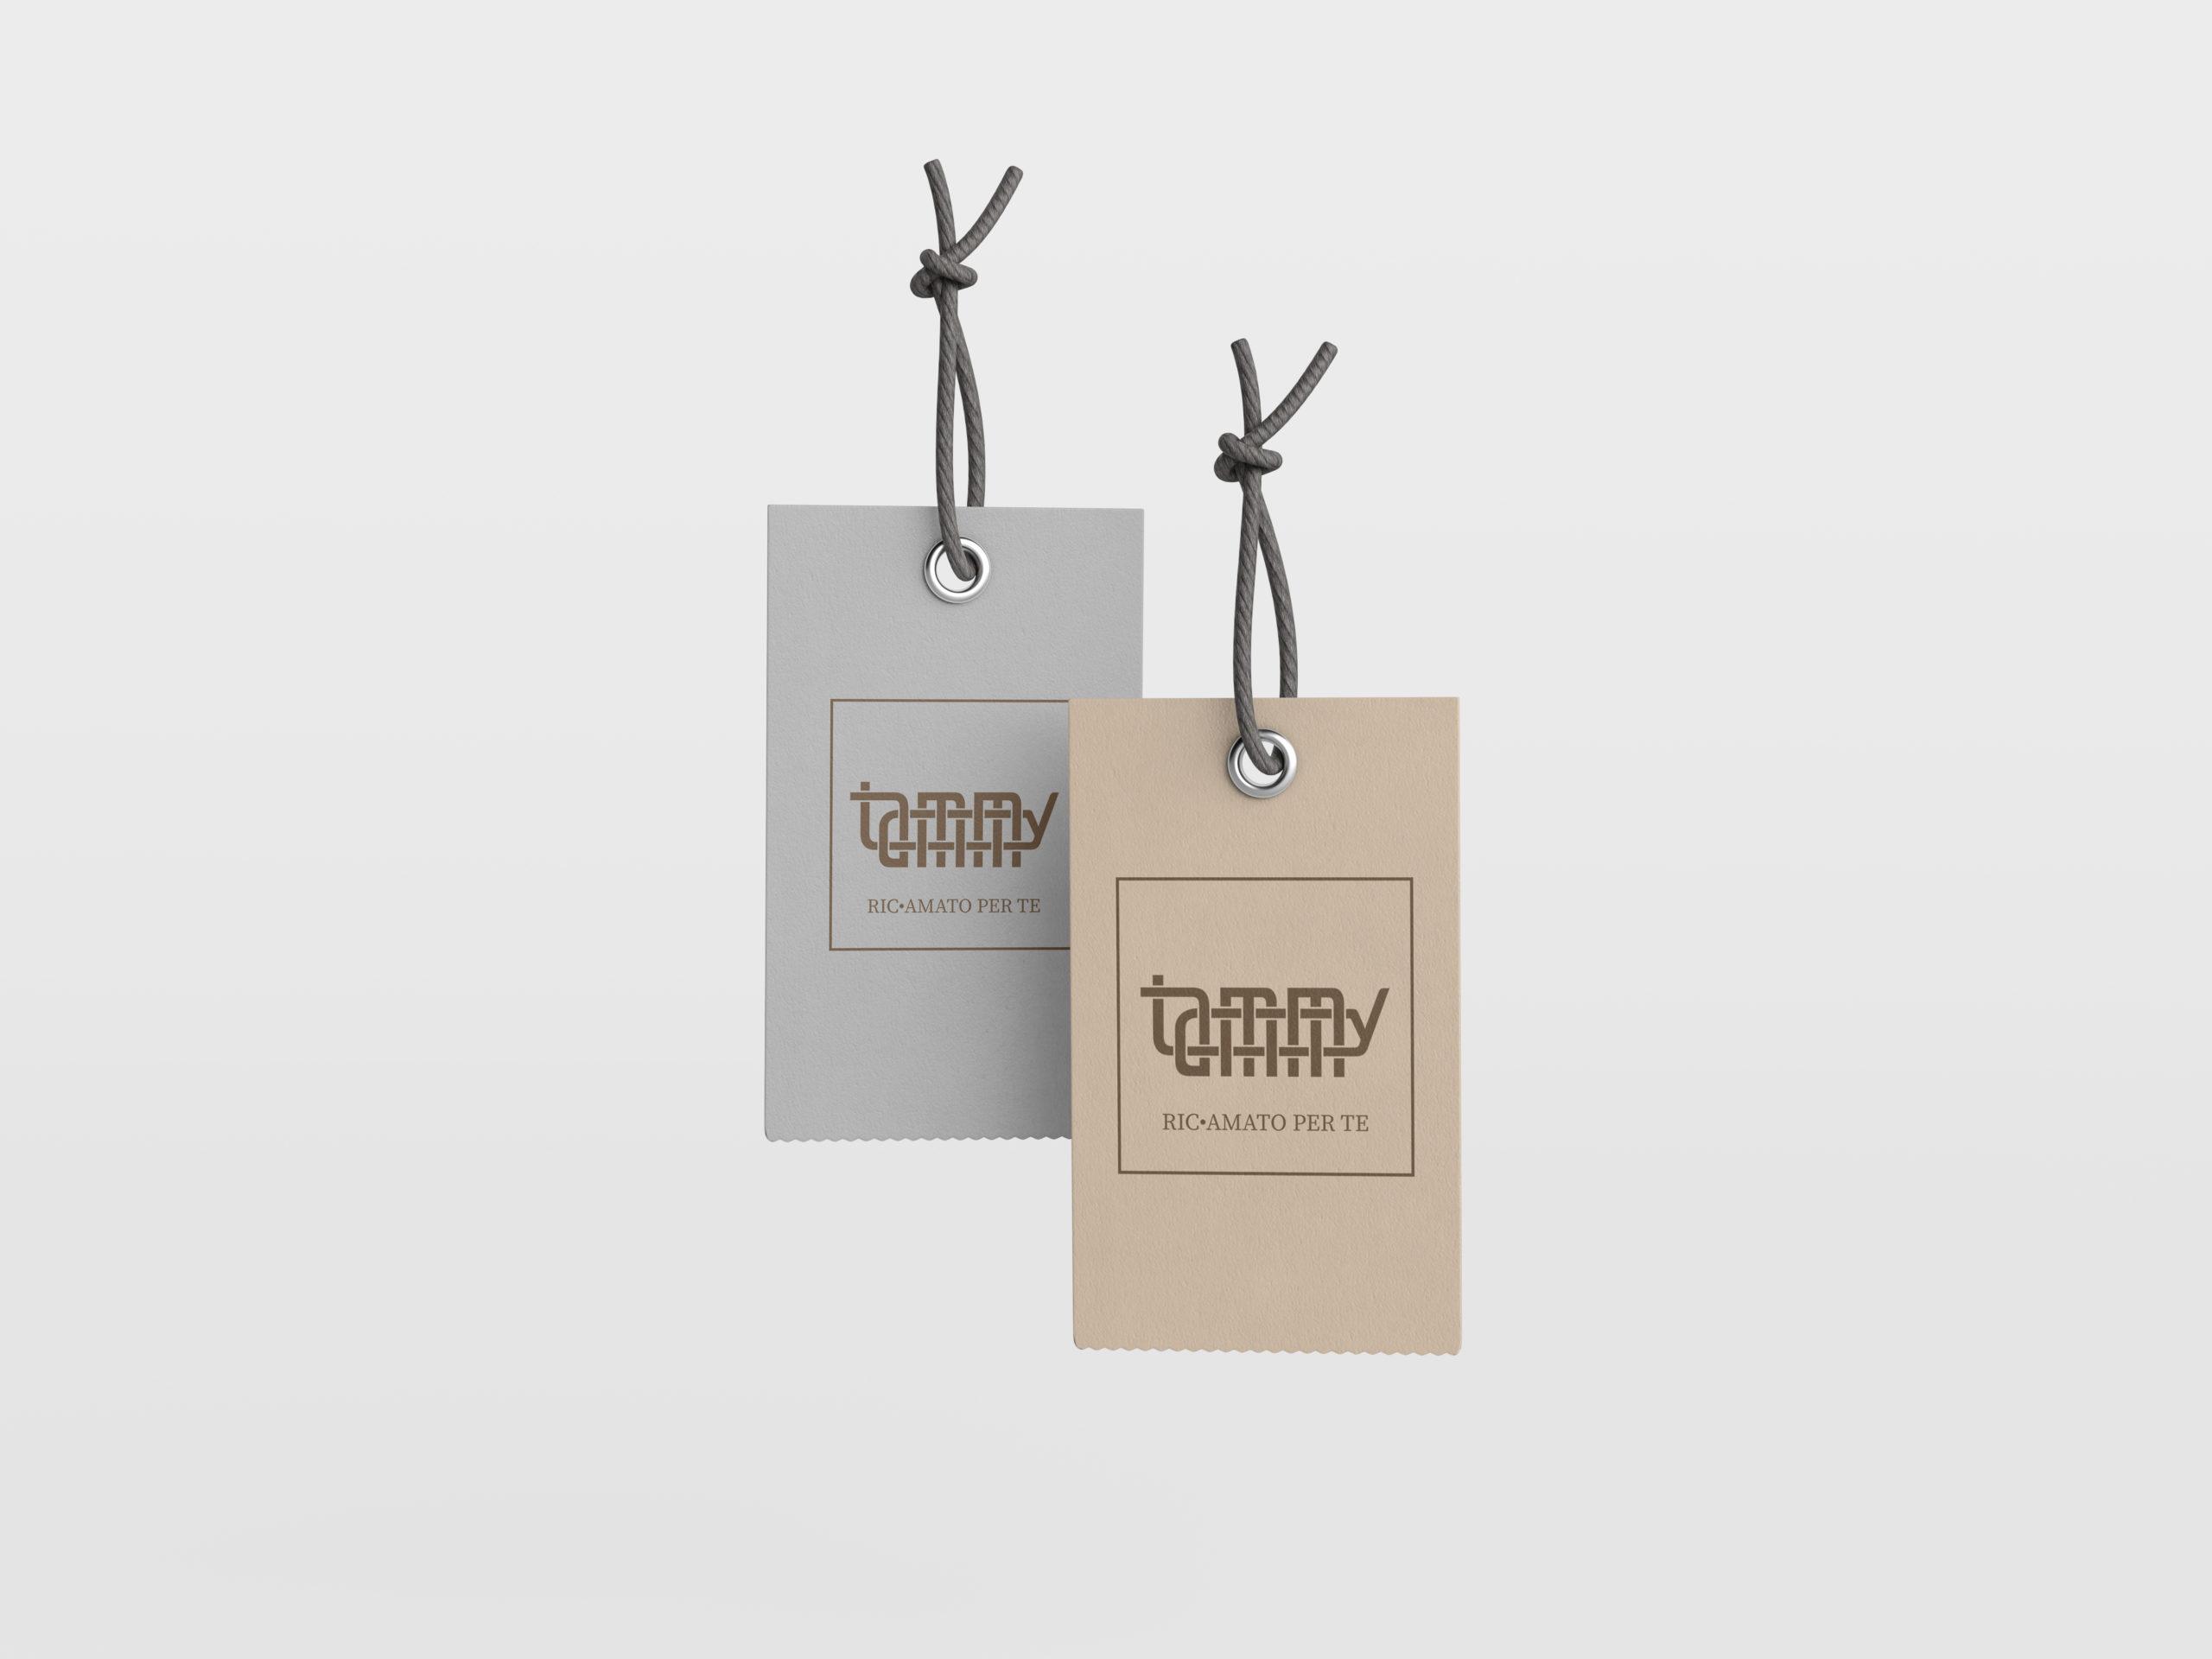 Brand identity per un piccolo brand artigianale